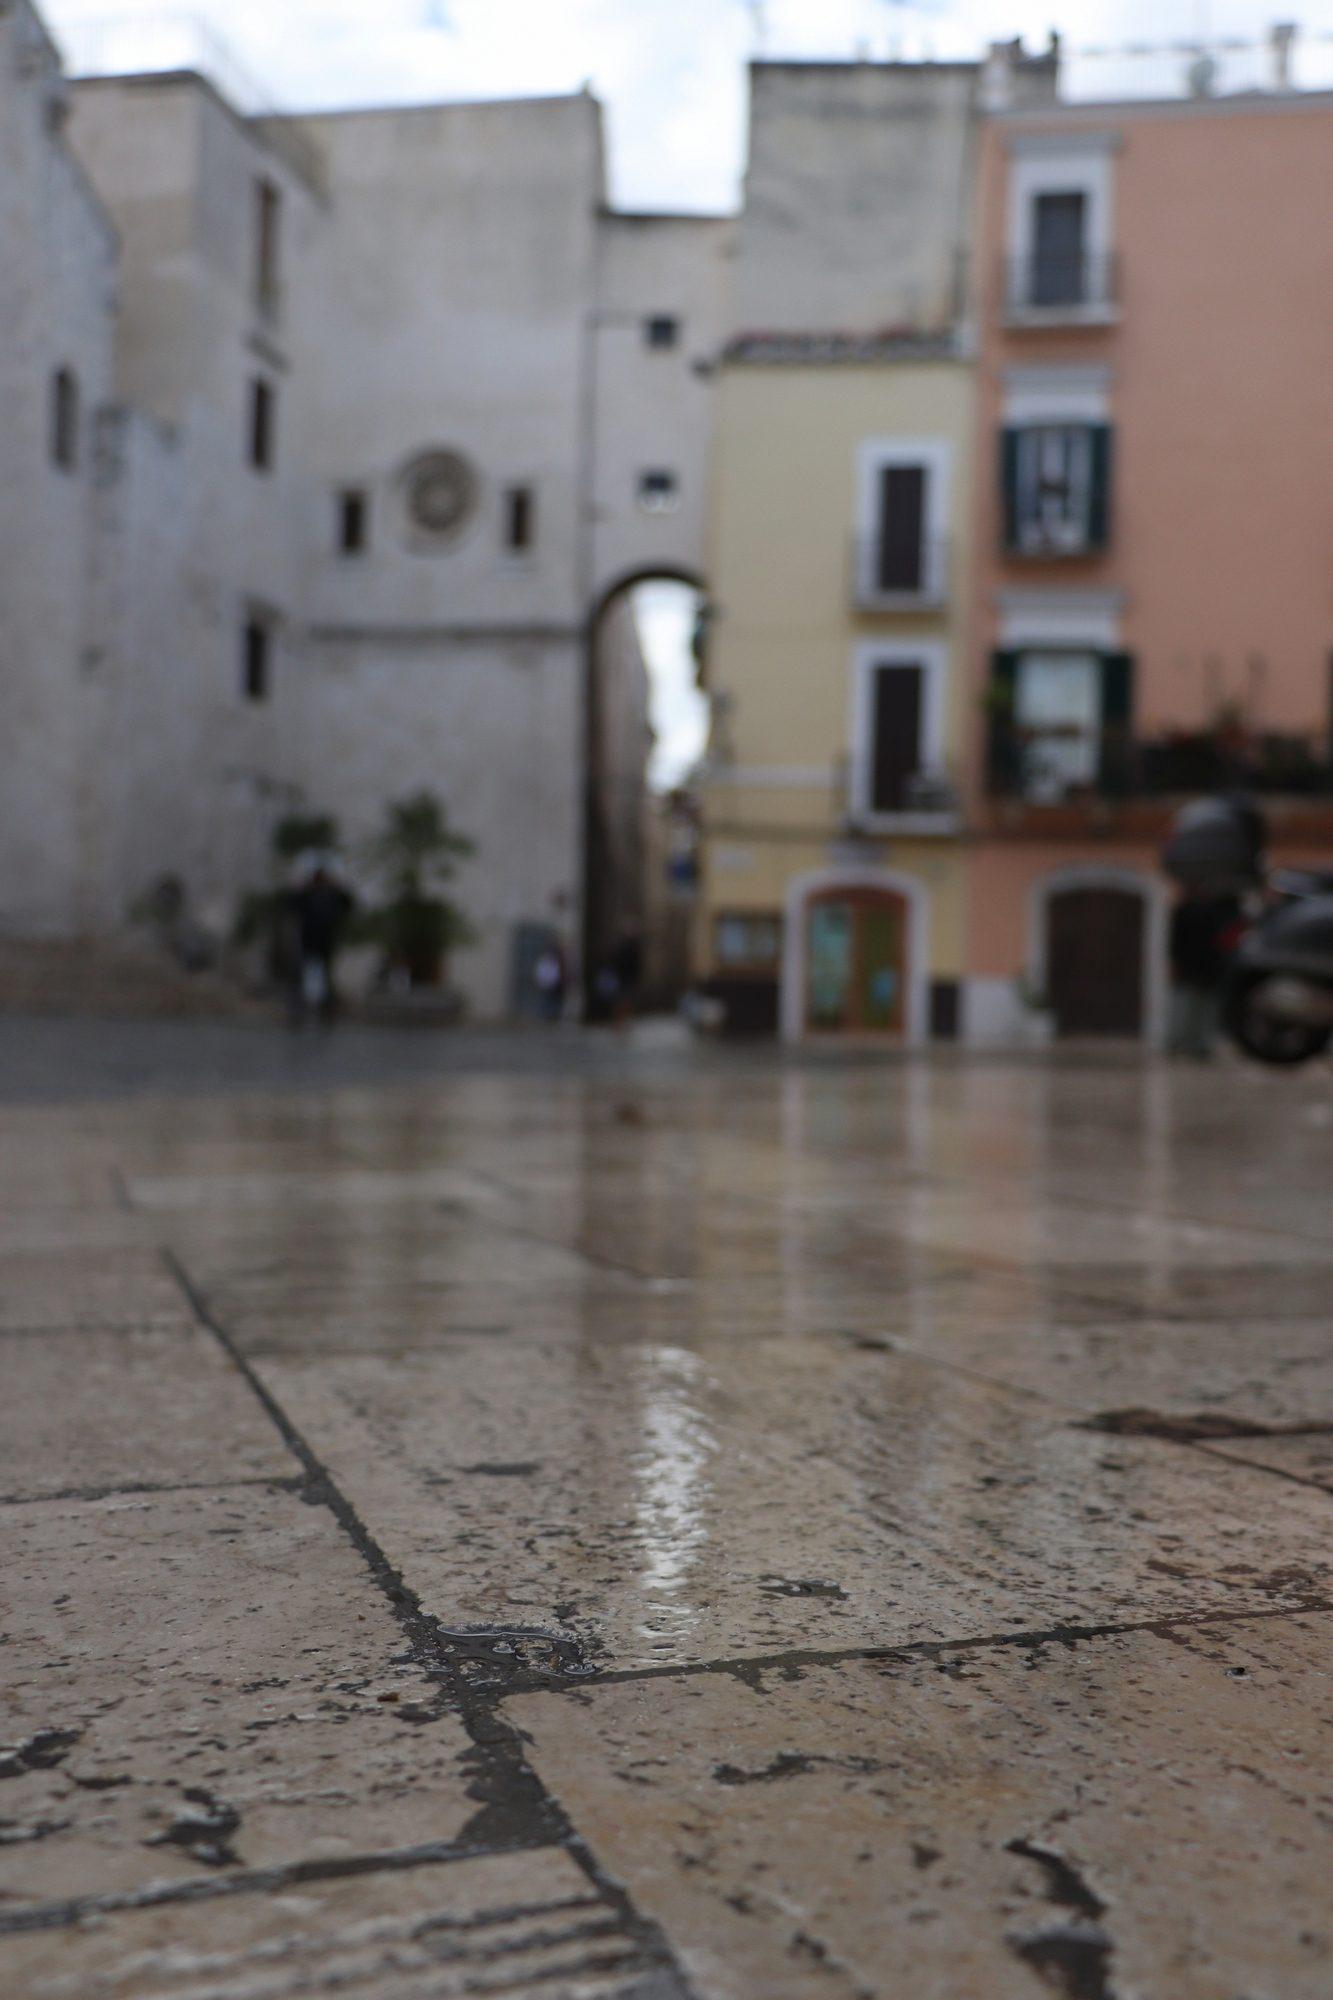 Platz in der Altstadt von Bari